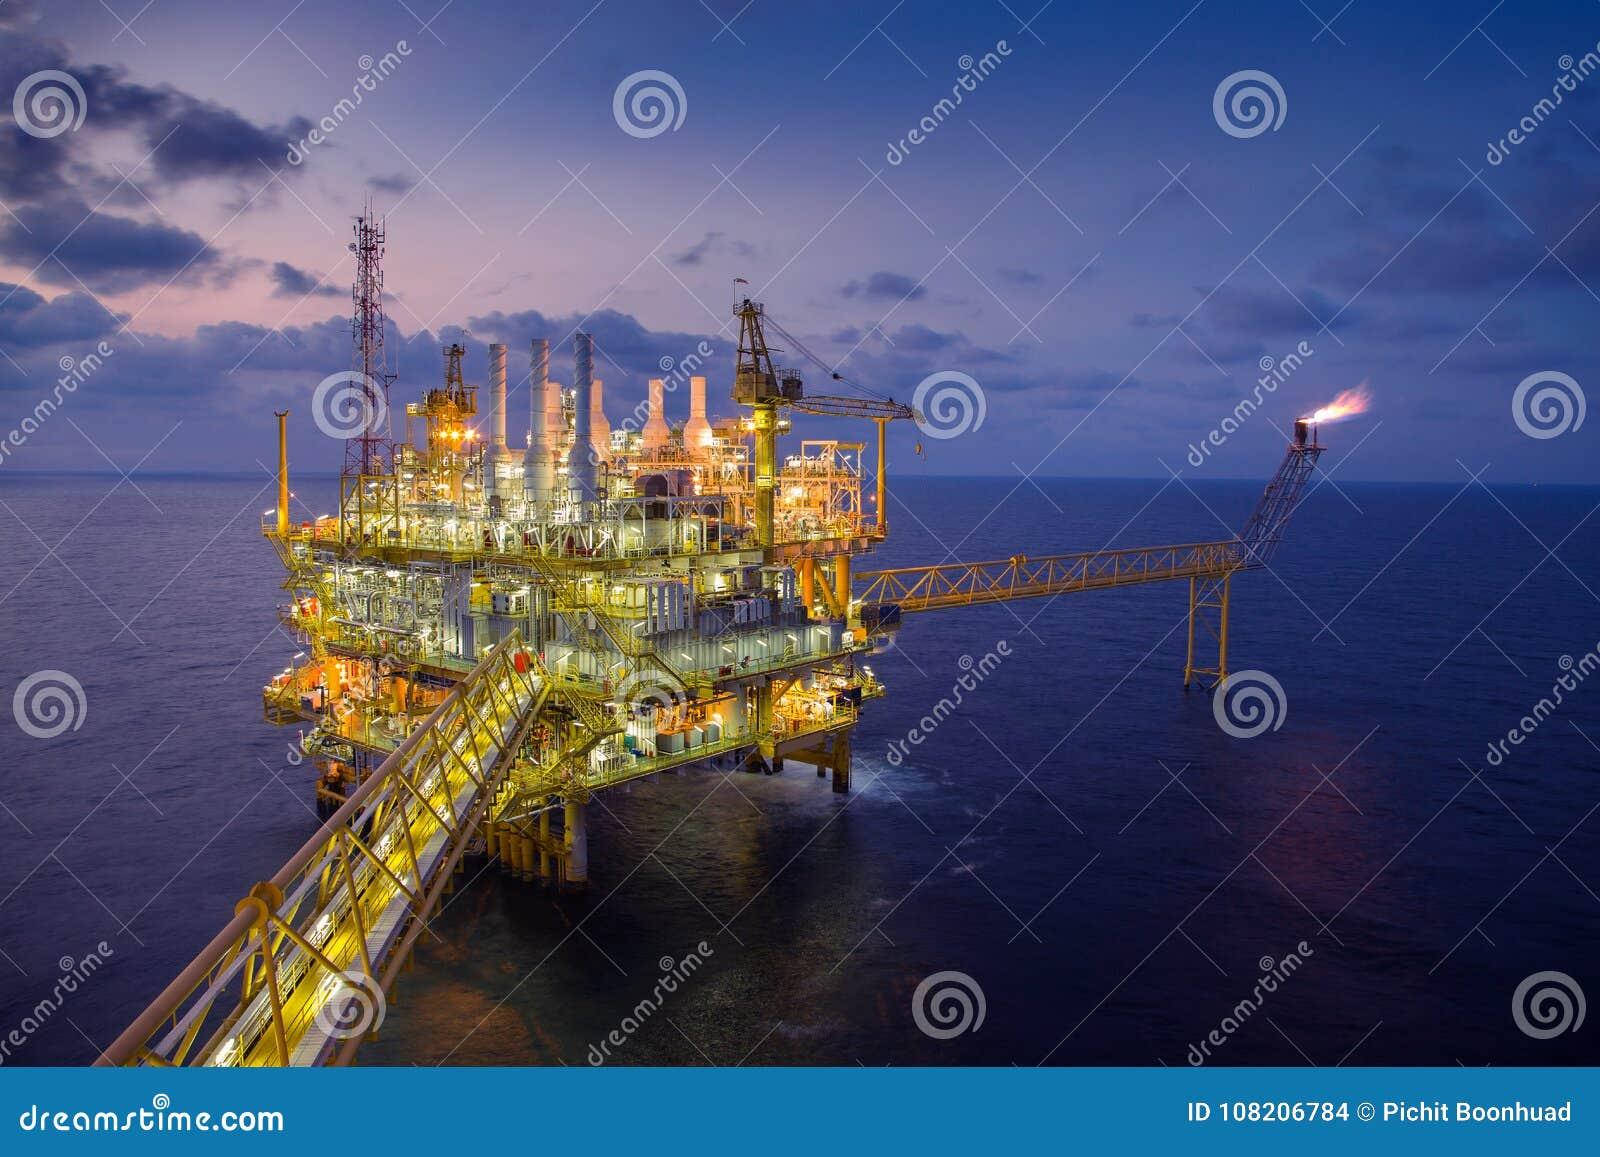 La plataforma de proceso central del petróleo y gas costero produjo el gas y el petróleo bruto después envió a la refinería terre